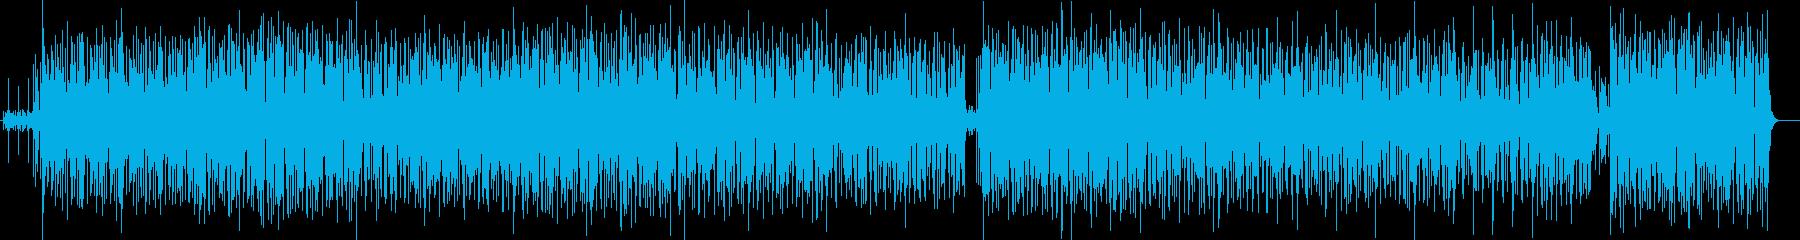 ヒップホップなダンシングミュージックの再生済みの波形